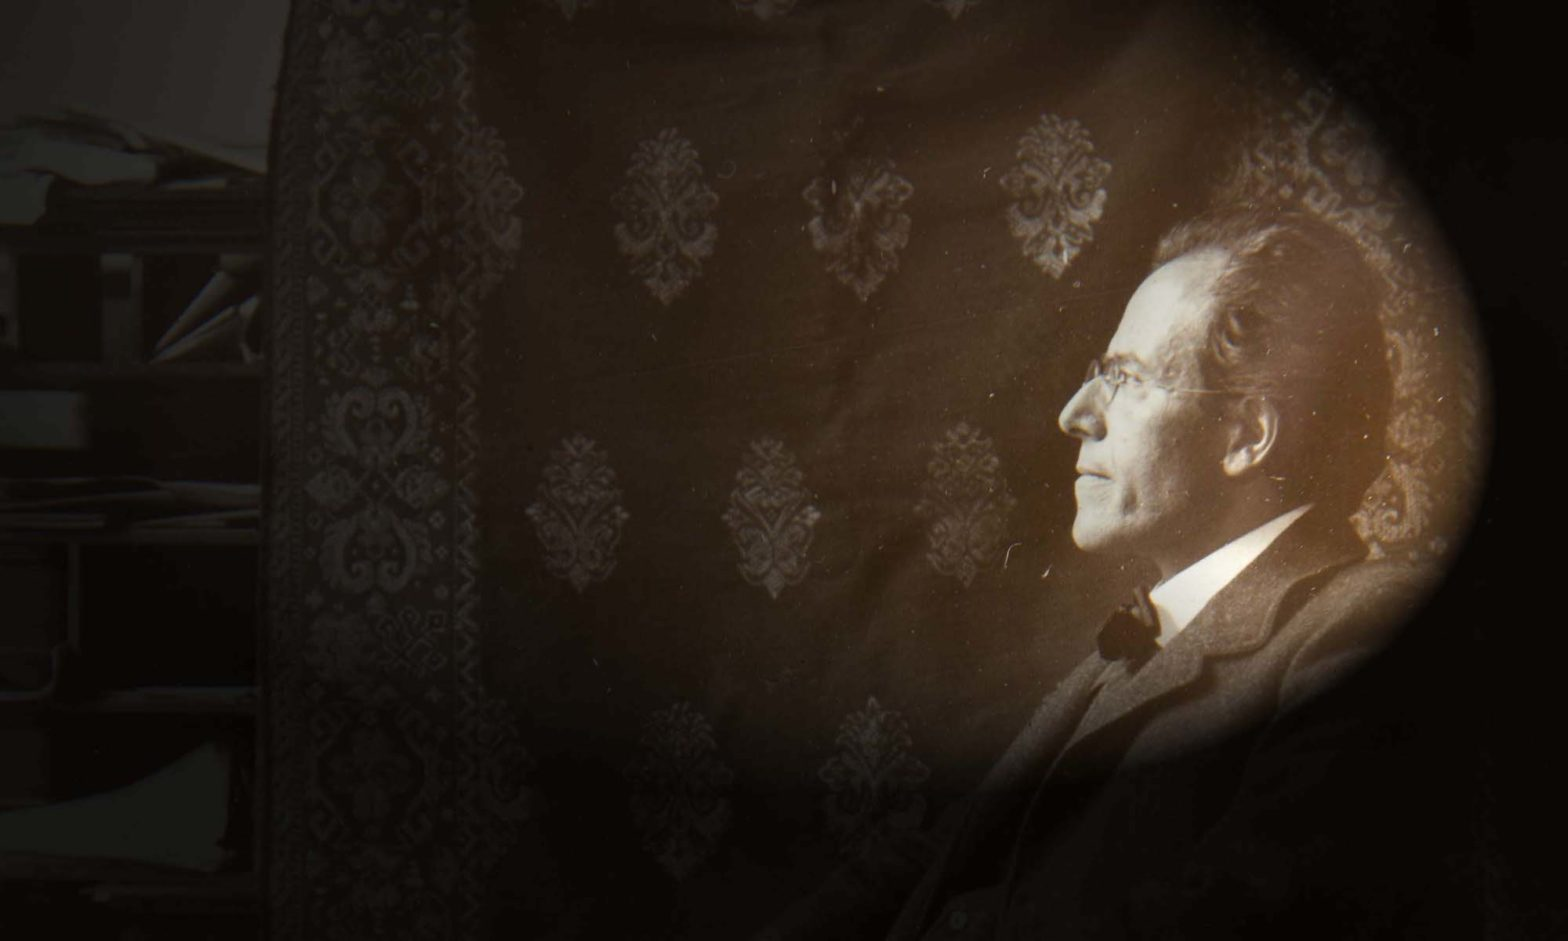 The Mahler Spotlight